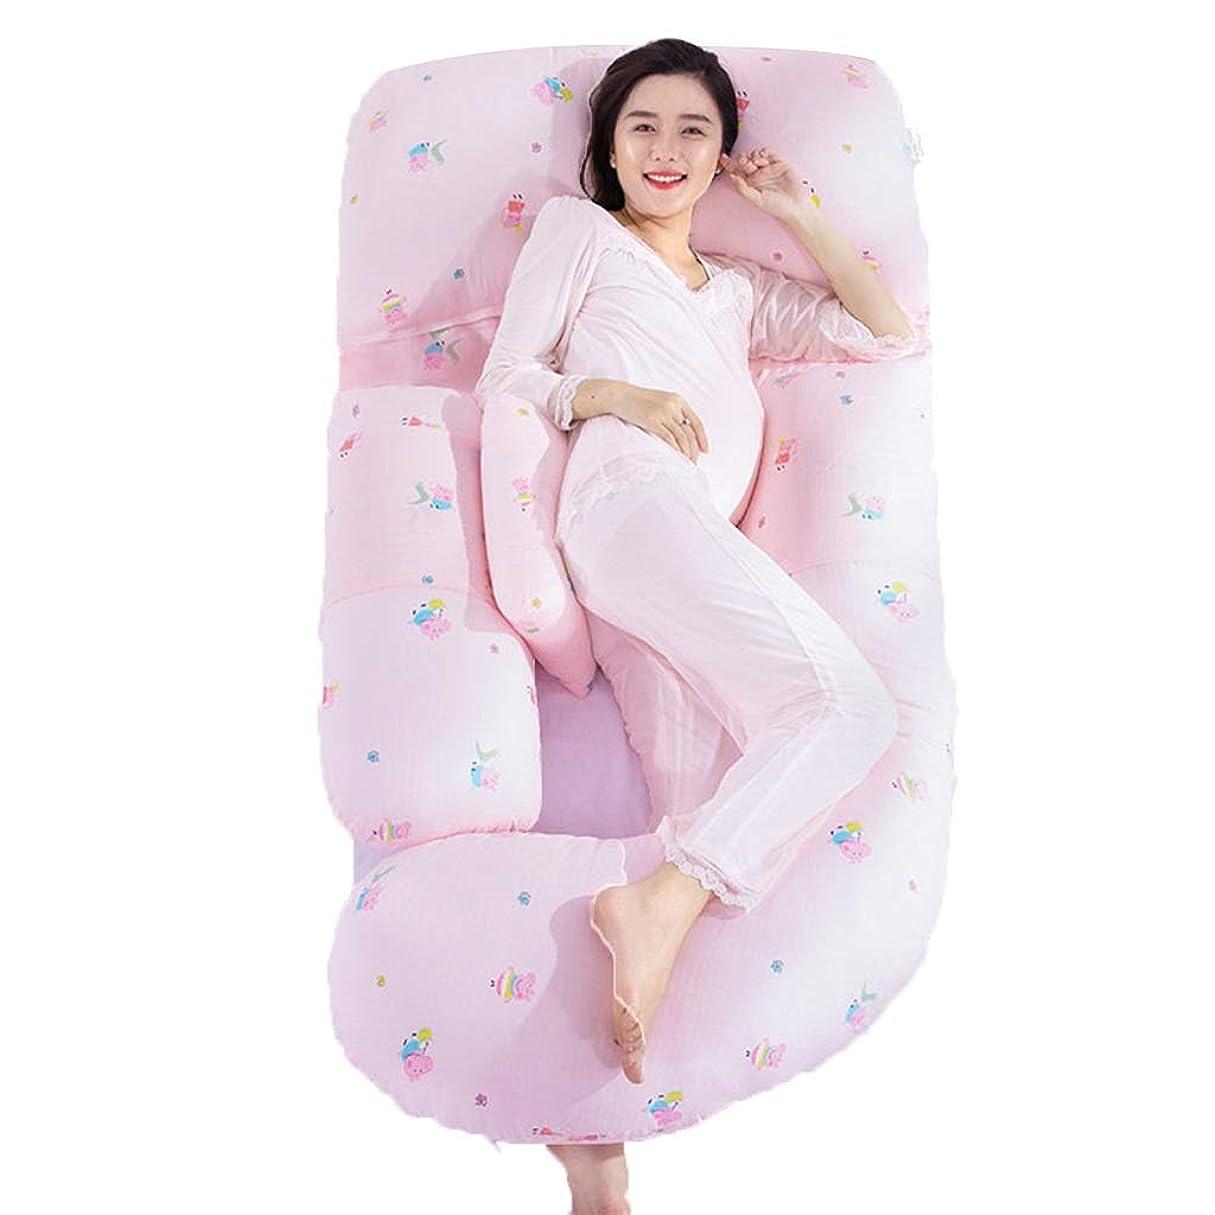 ブラウザたくさん荒野妊婦枕子供用フェンス腰側寝枕産後母乳枕U字型枕お腹サポート枕クッション寝具 (Color : Pink a)